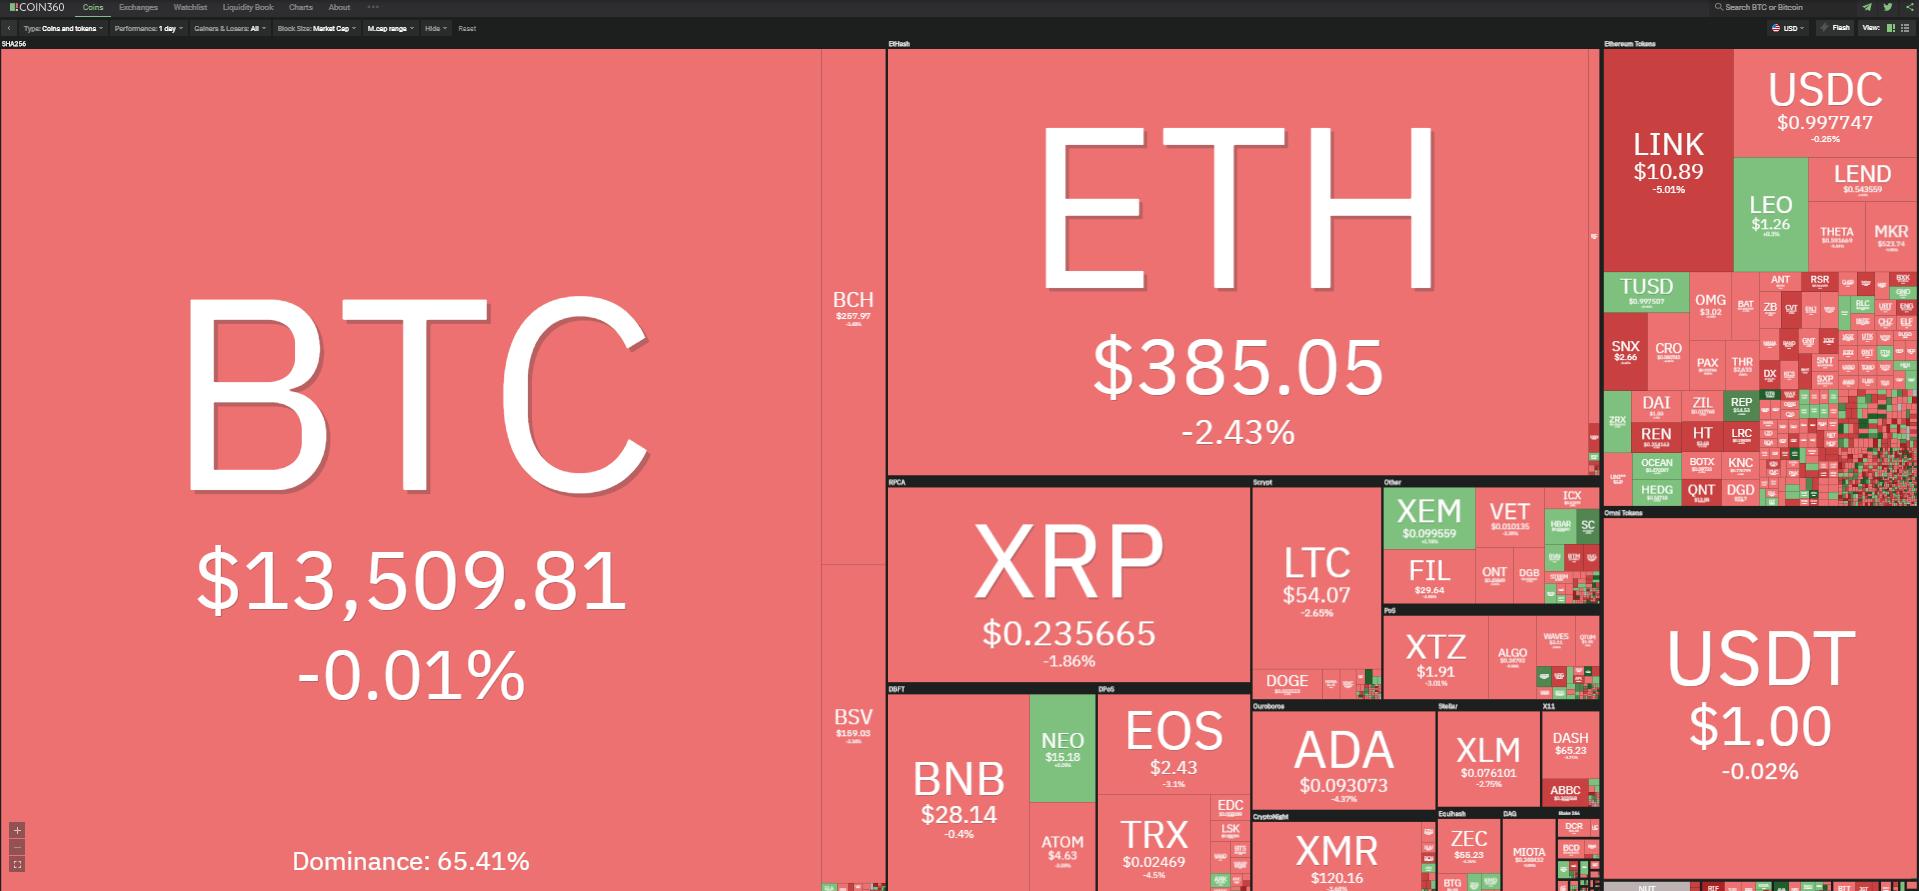 Toàn cảnh thị trường tiền kĩ thuật số ngày 3/11 (nguồn: Coin360.com).